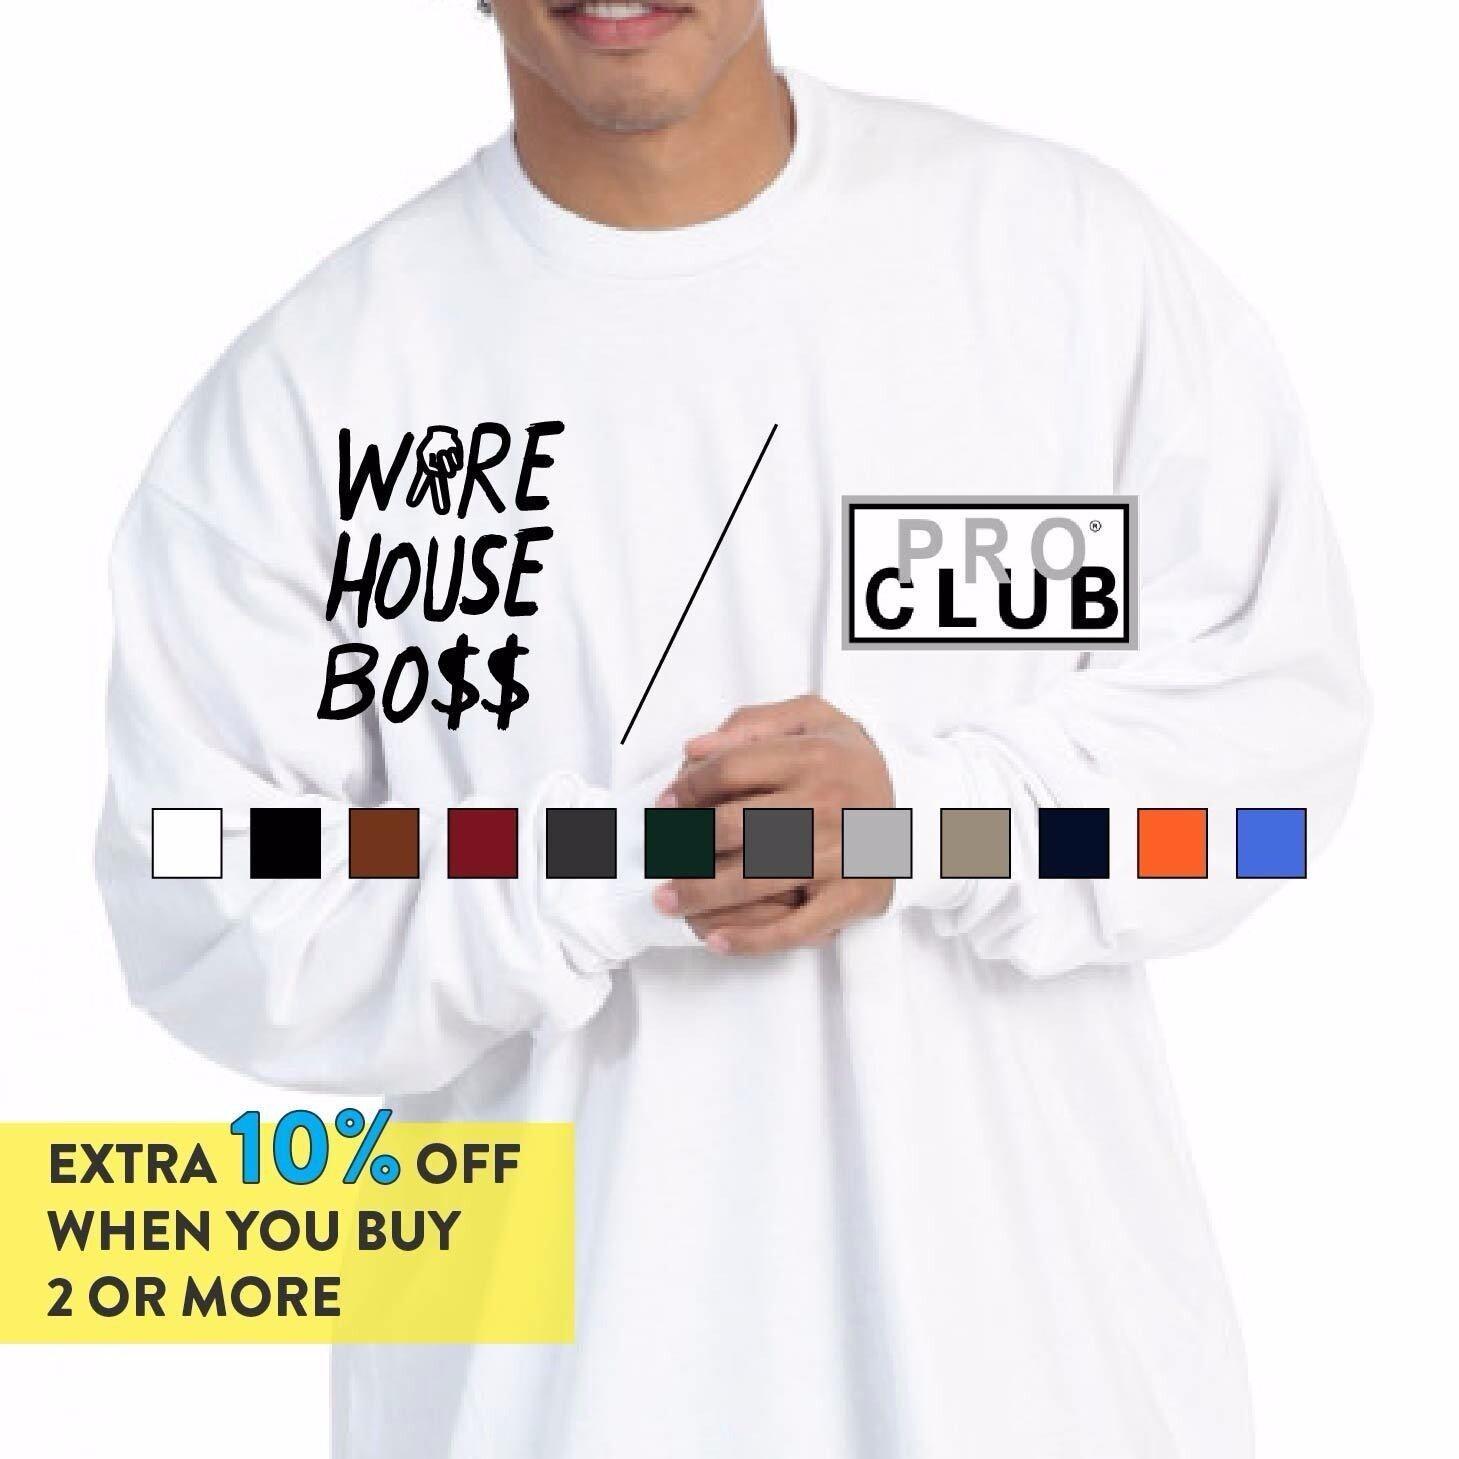 2 NEW PROCLUB 4XL HEAVY WEIGHT T-SHIRTS BLACK PLAIN TEE PRO CLUB BLANK 2PC